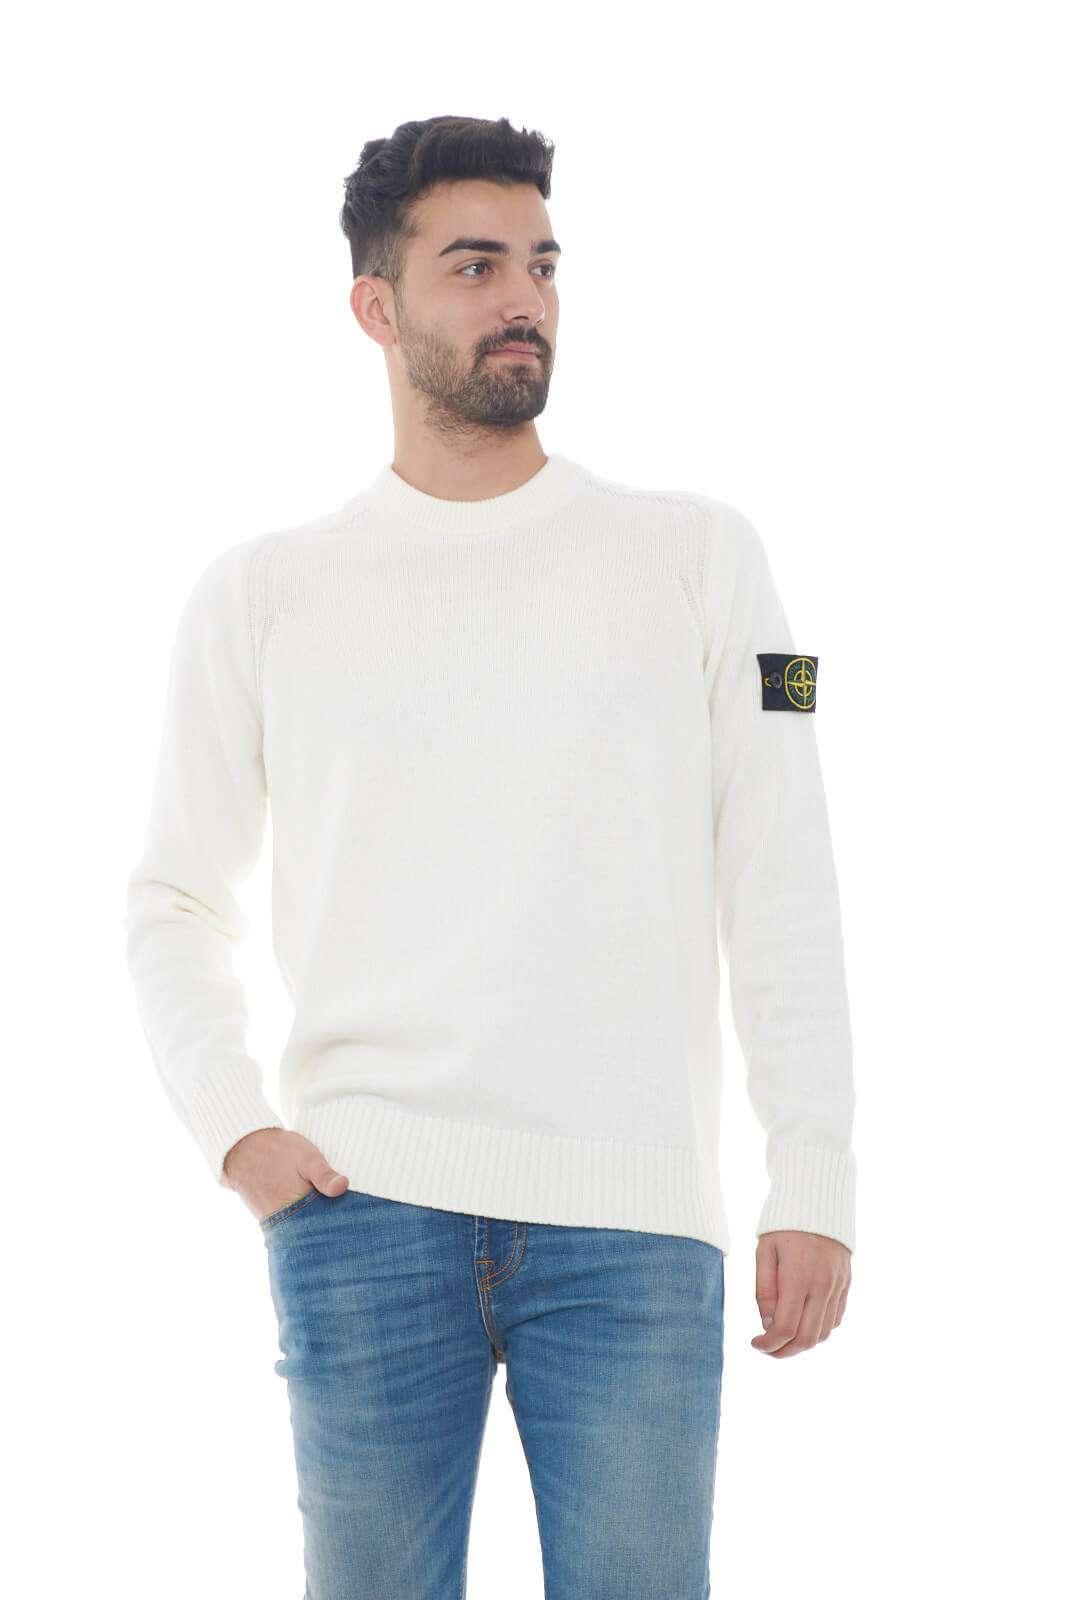 Rendi unico il tuo look con la nuova maglia girocollo Stone Island. La sua linea classica lo rende un capo evergreen e dall'esclusiva raffinatezza. Un brand maschile per eccellenza ideale per outfit sofisticati e chic.